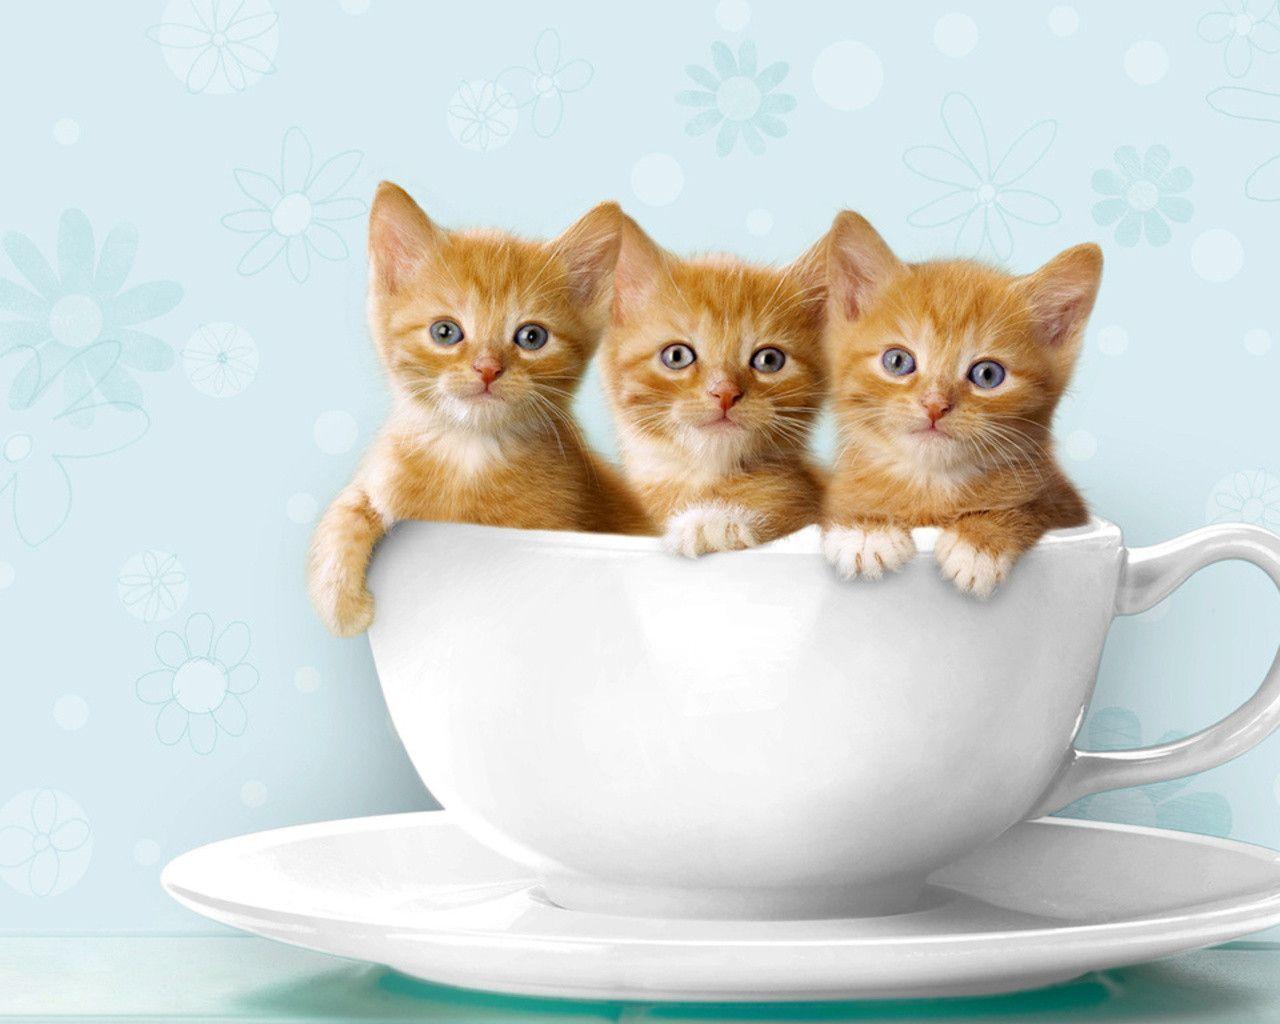 Cute Cats Wallpapers Wallpaper Cave Teacup Kitten Kittens Cutest Kittens